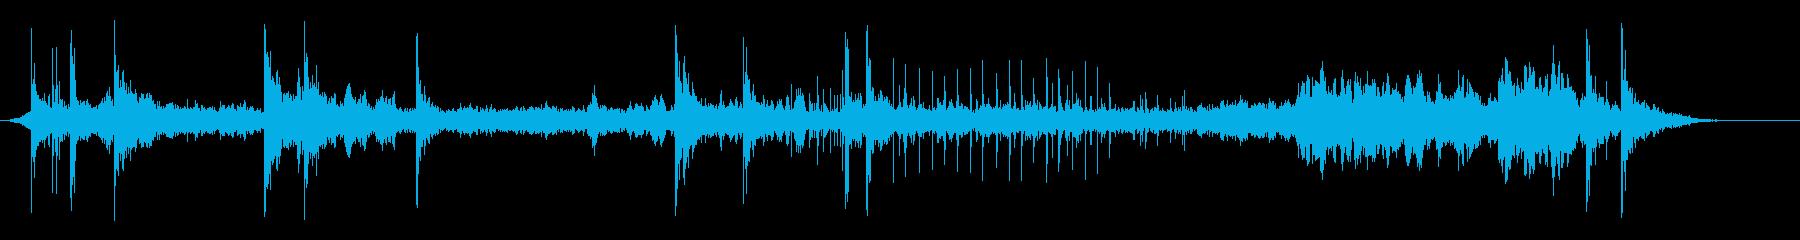 エルロシオアンビエンテアルデアの再生済みの波形